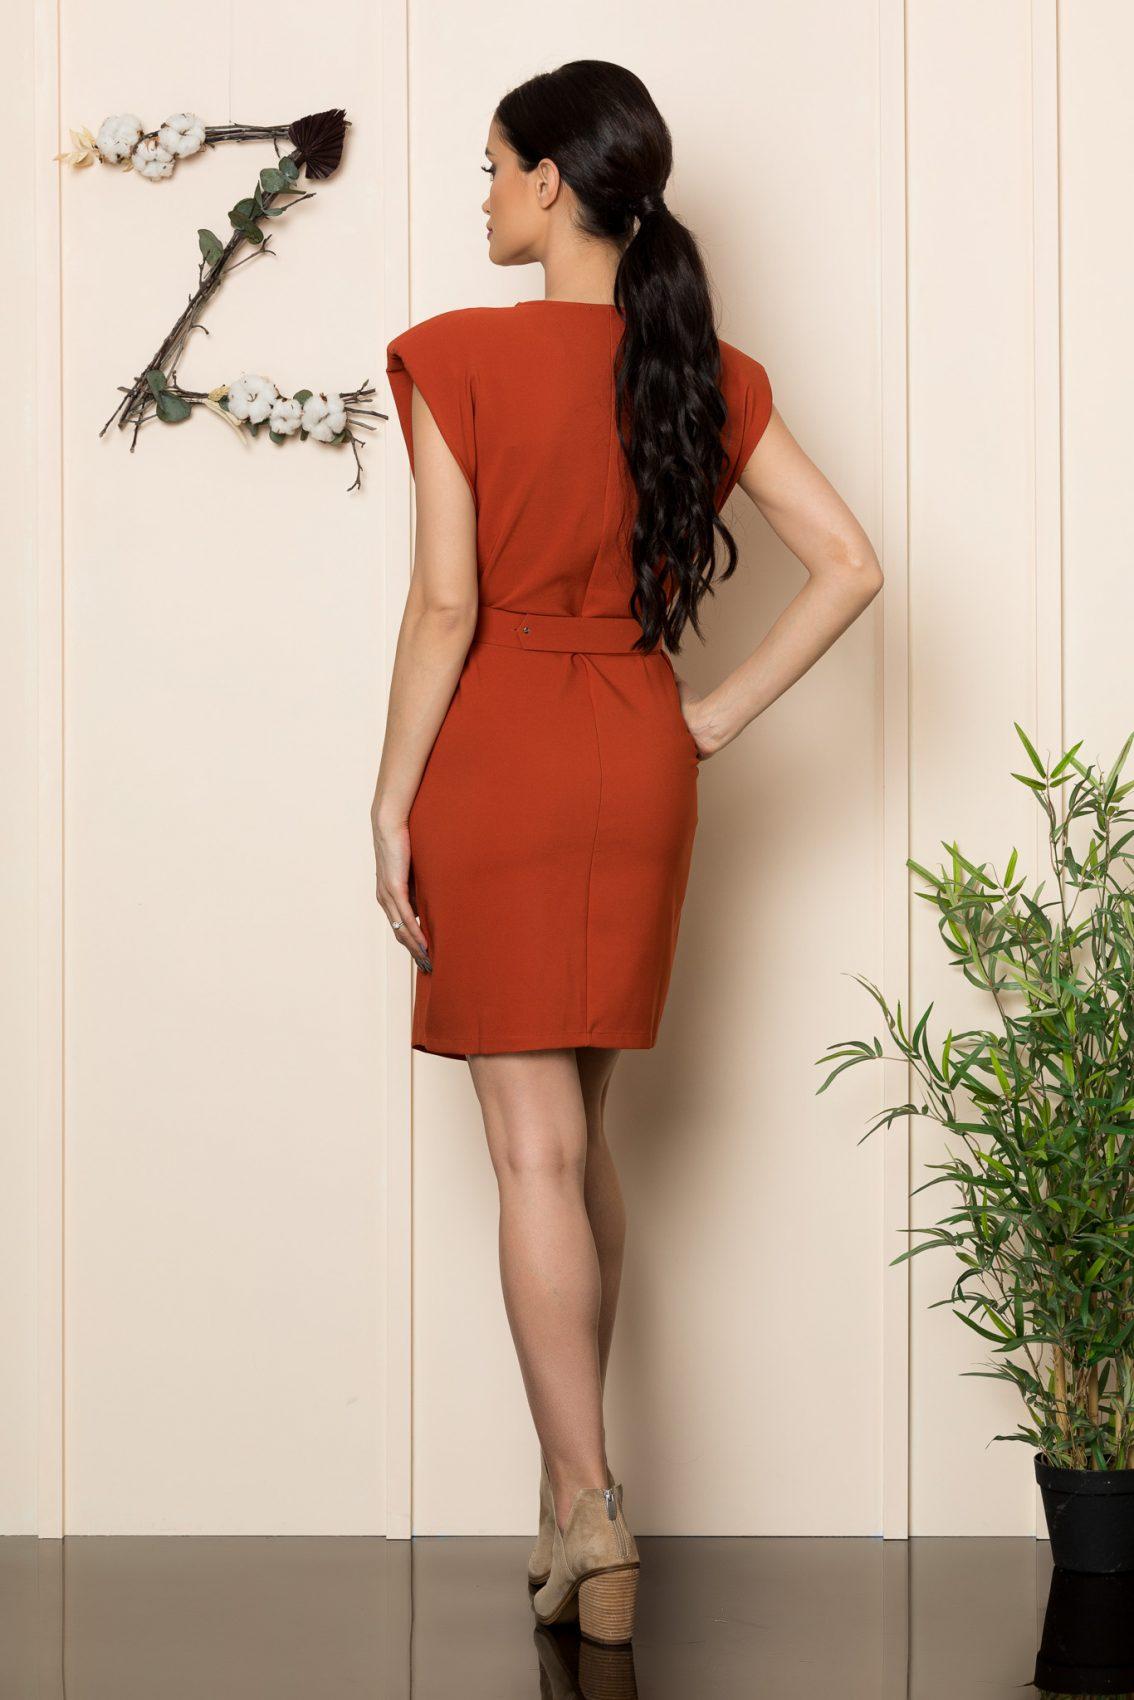 Κεραμιδί Φόρεμα Με Βάτες Tulya 8148 2